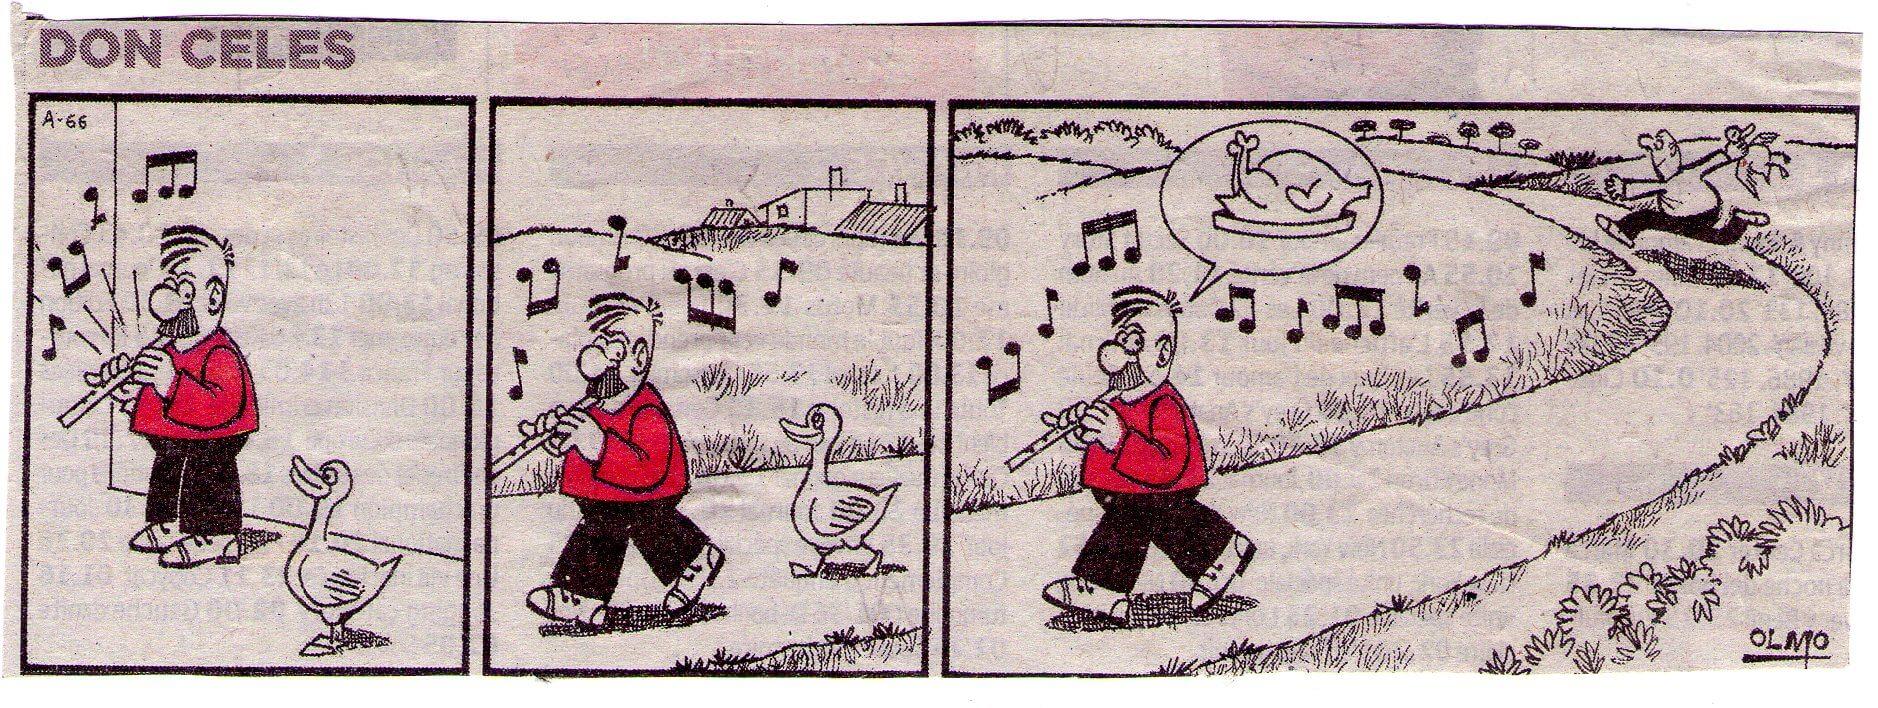 Don Celes el encantador de patos parte 2